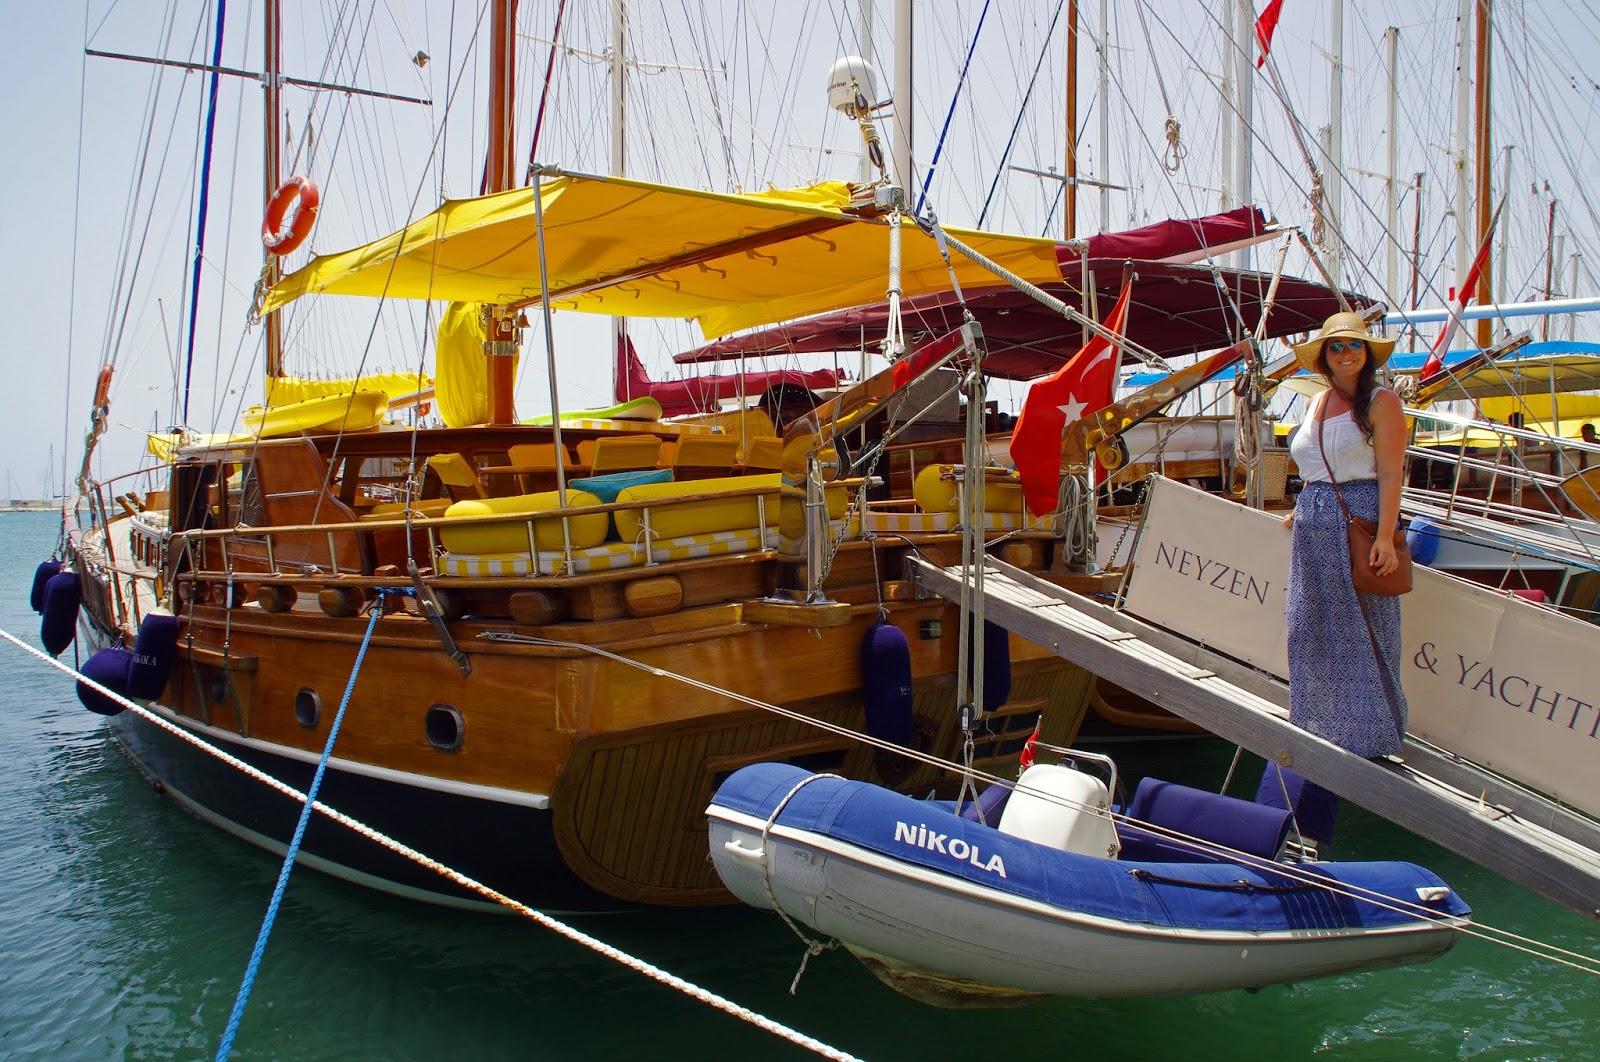 Neyzen Gulet Yachting